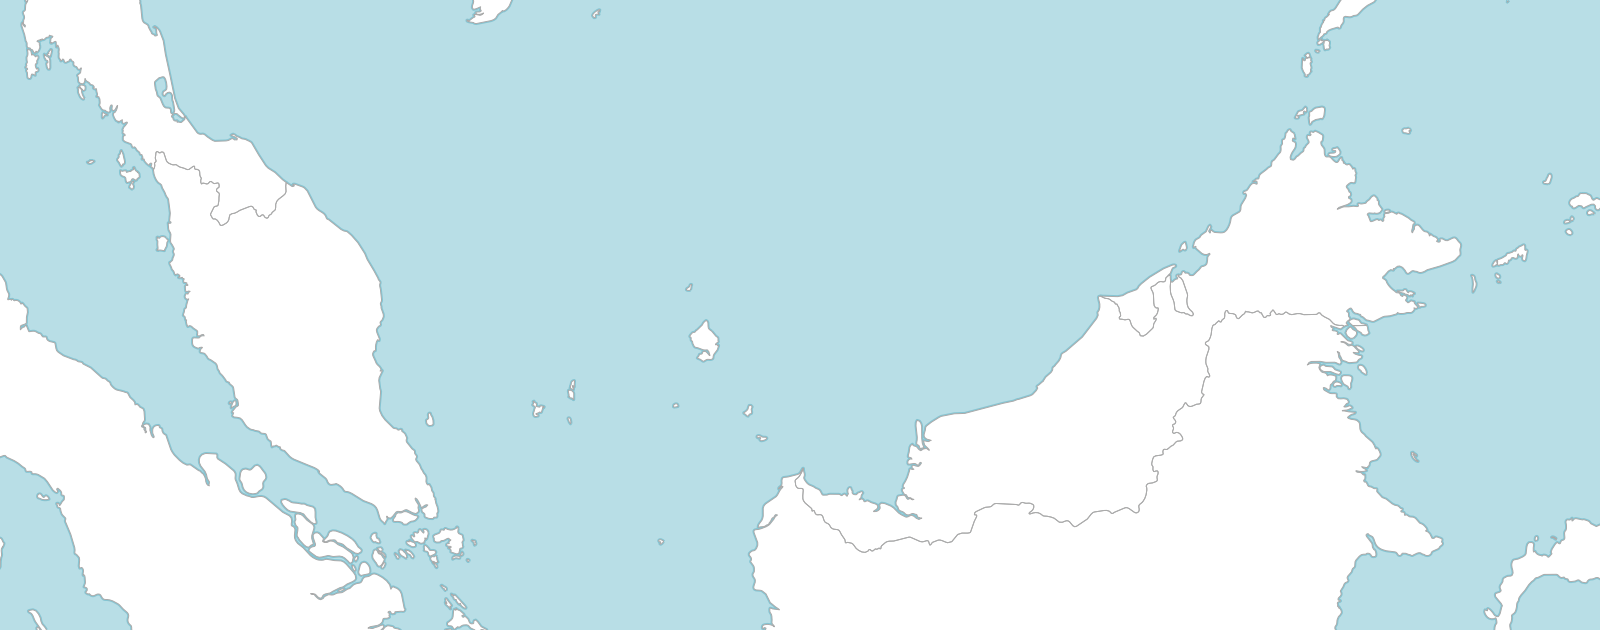 إندونيسيا ويكيبيديا 13 10